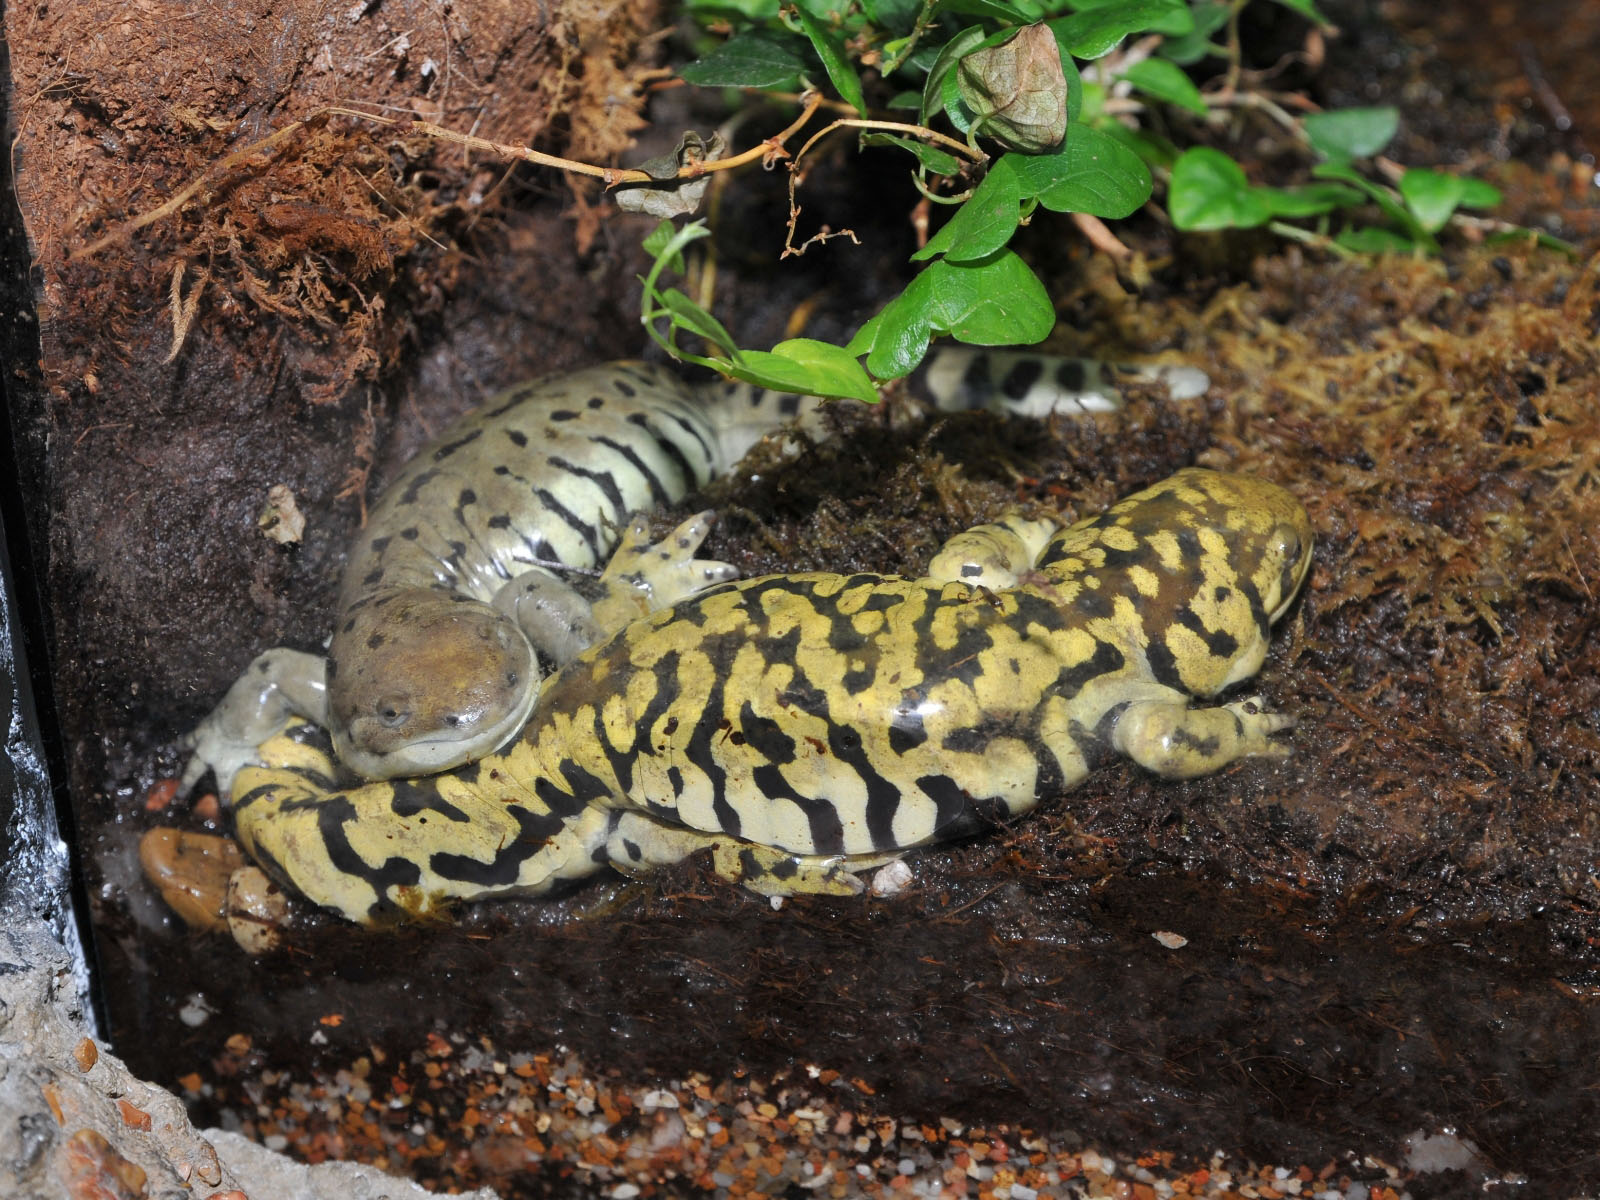 Саламандра – что это за животное? Содержание саламандры